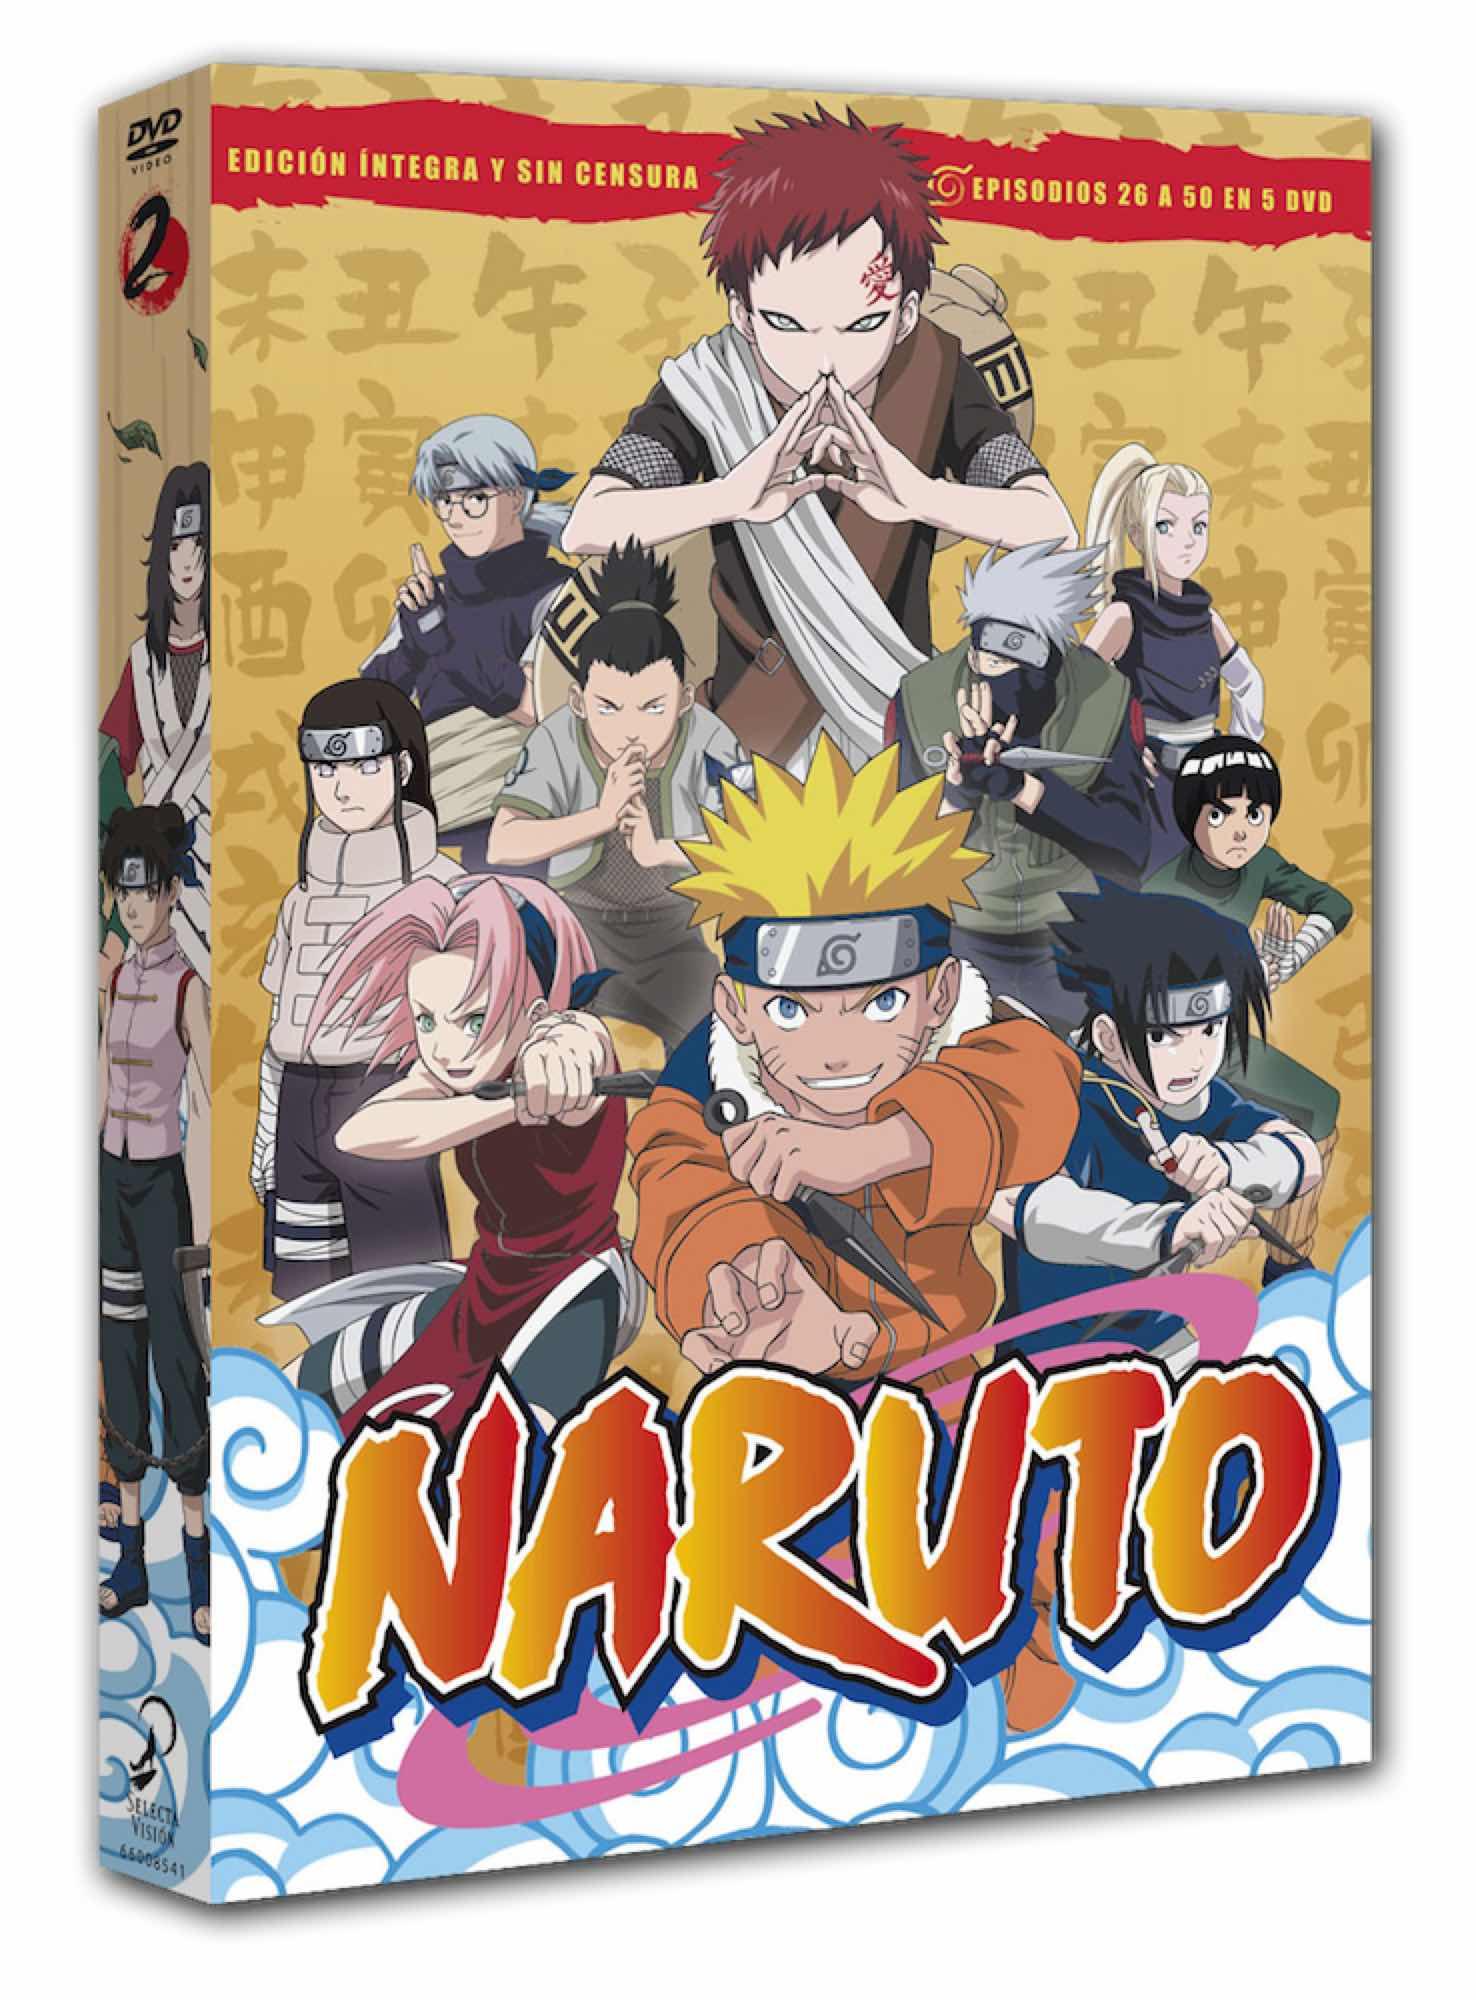 DVD NARUTO BOX 2